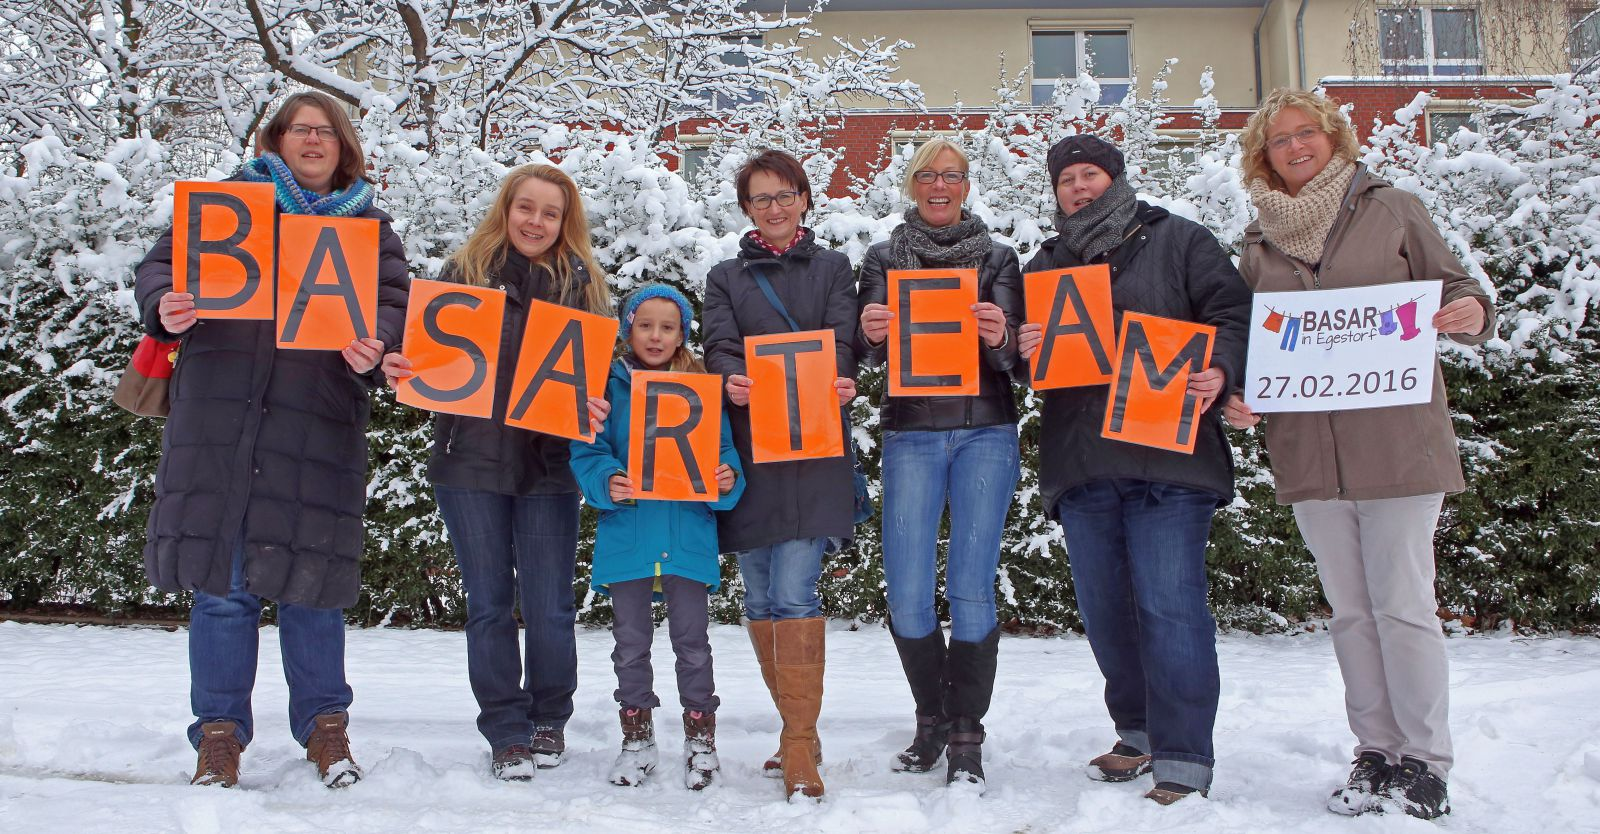 Basar-Team für VA 27. Februar 2016 zweite Ankündigung 01